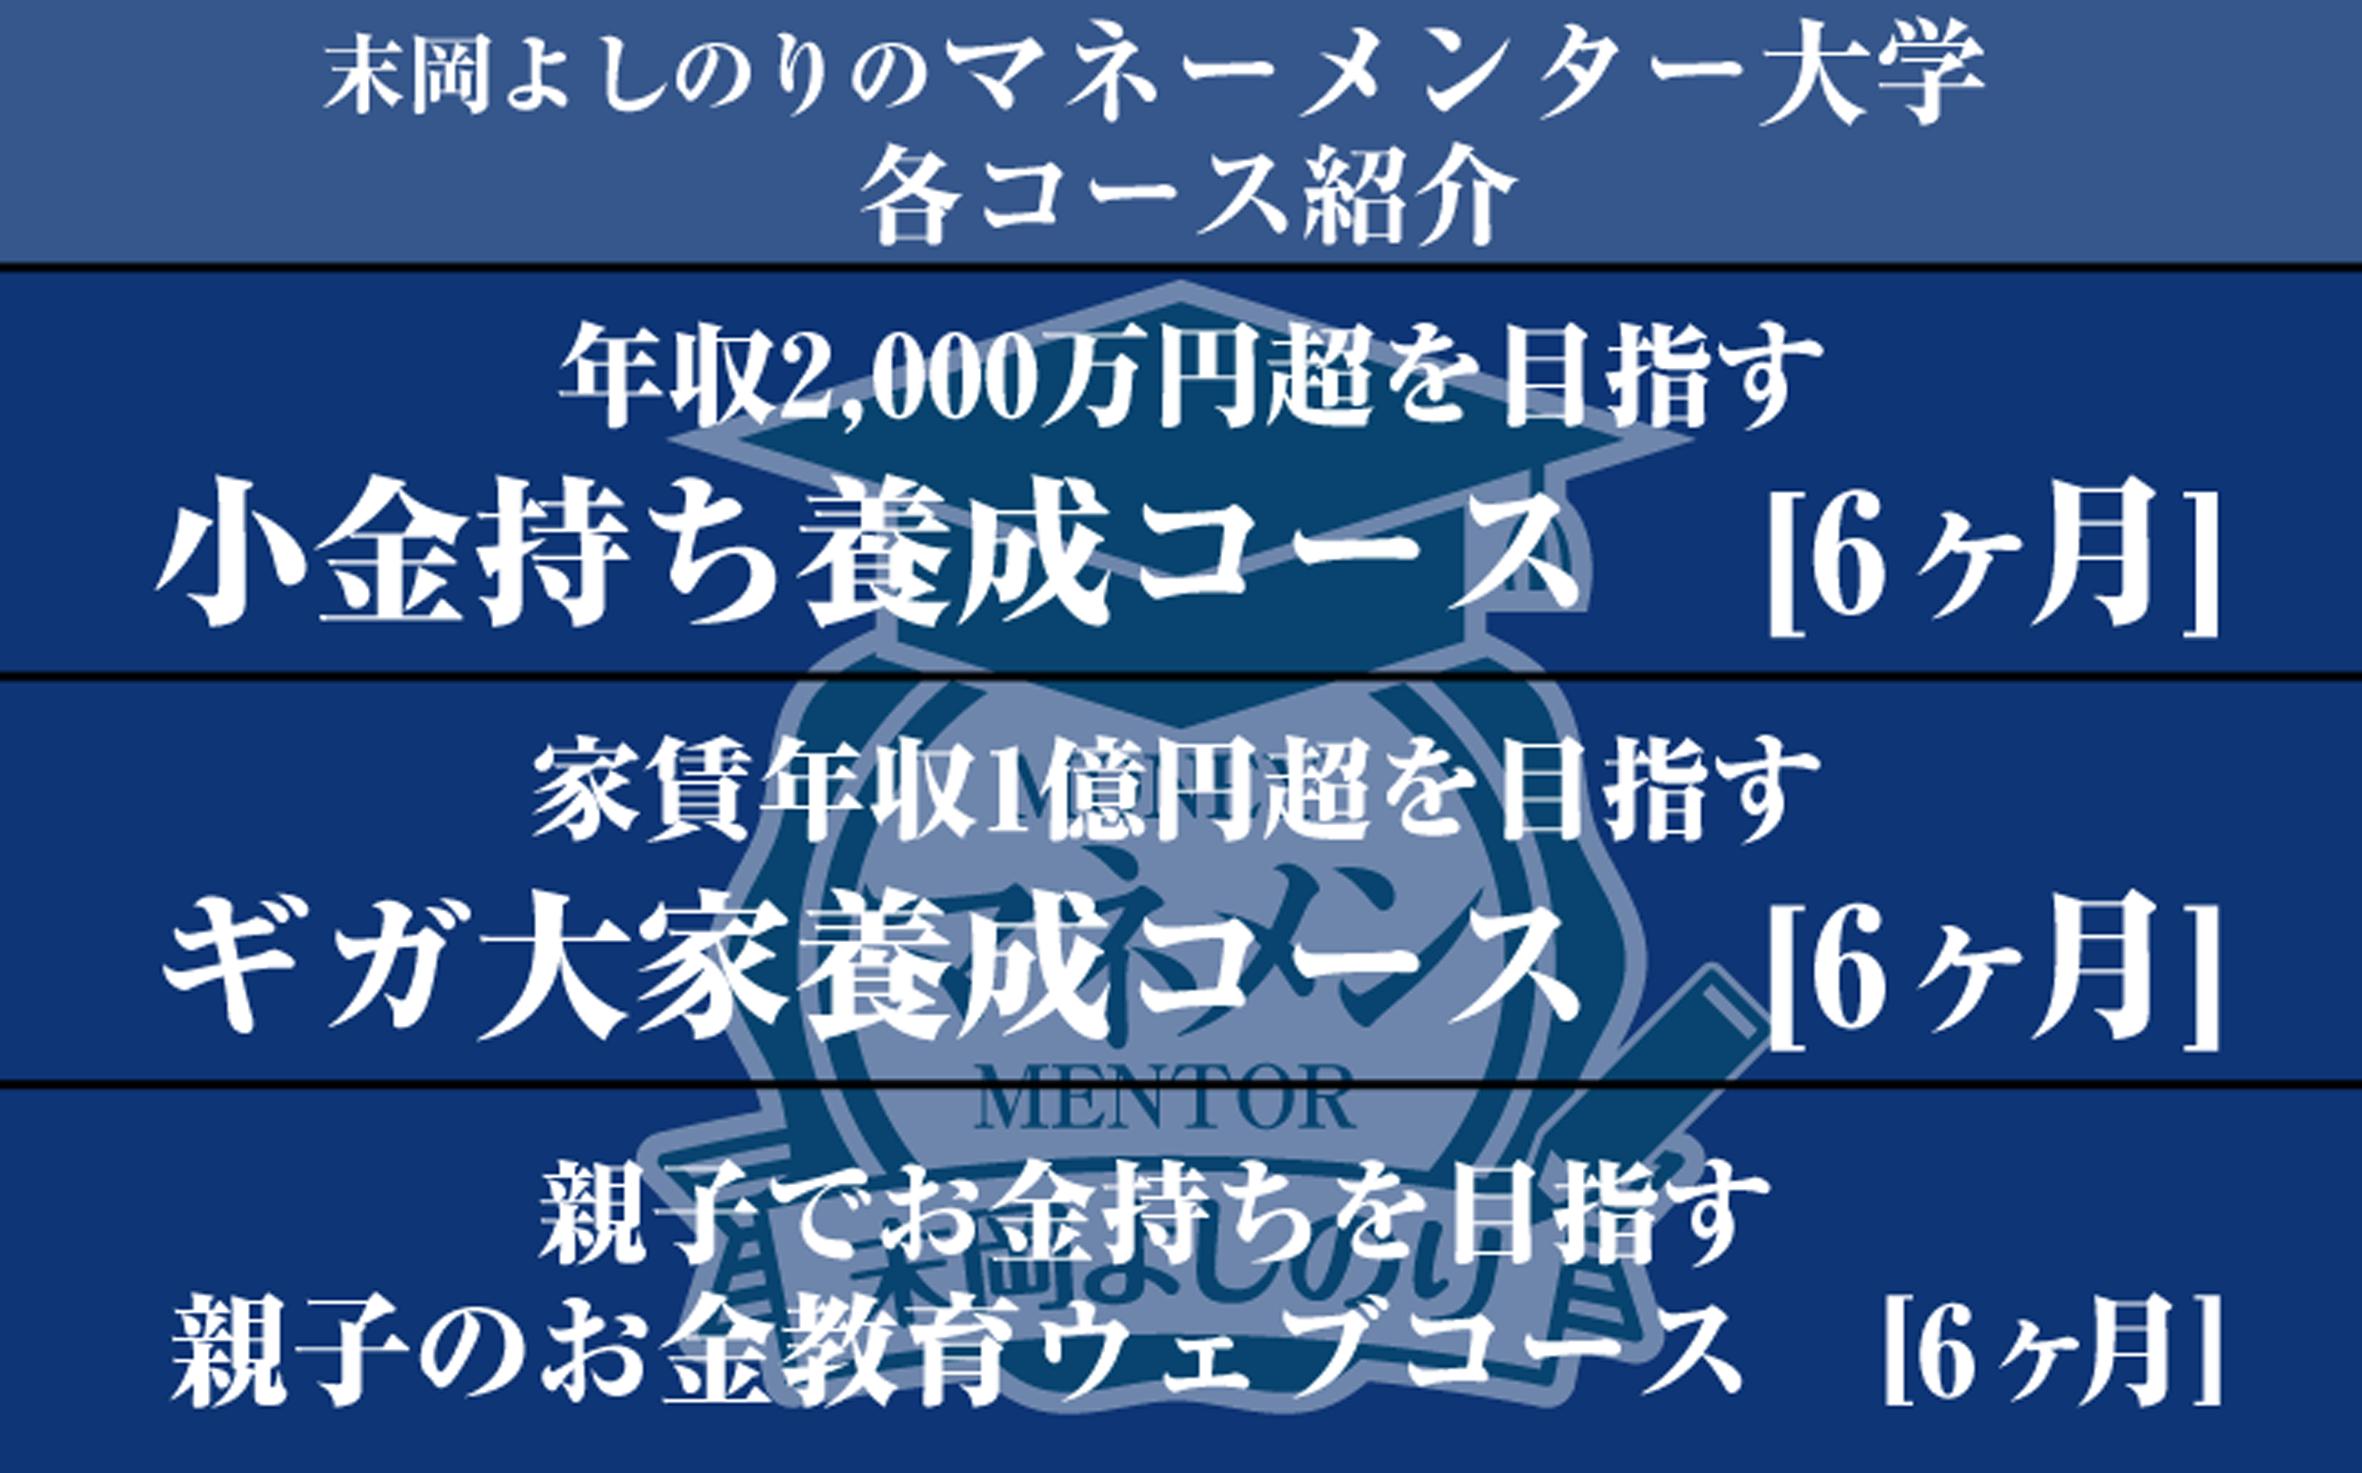 マネメン 各コース